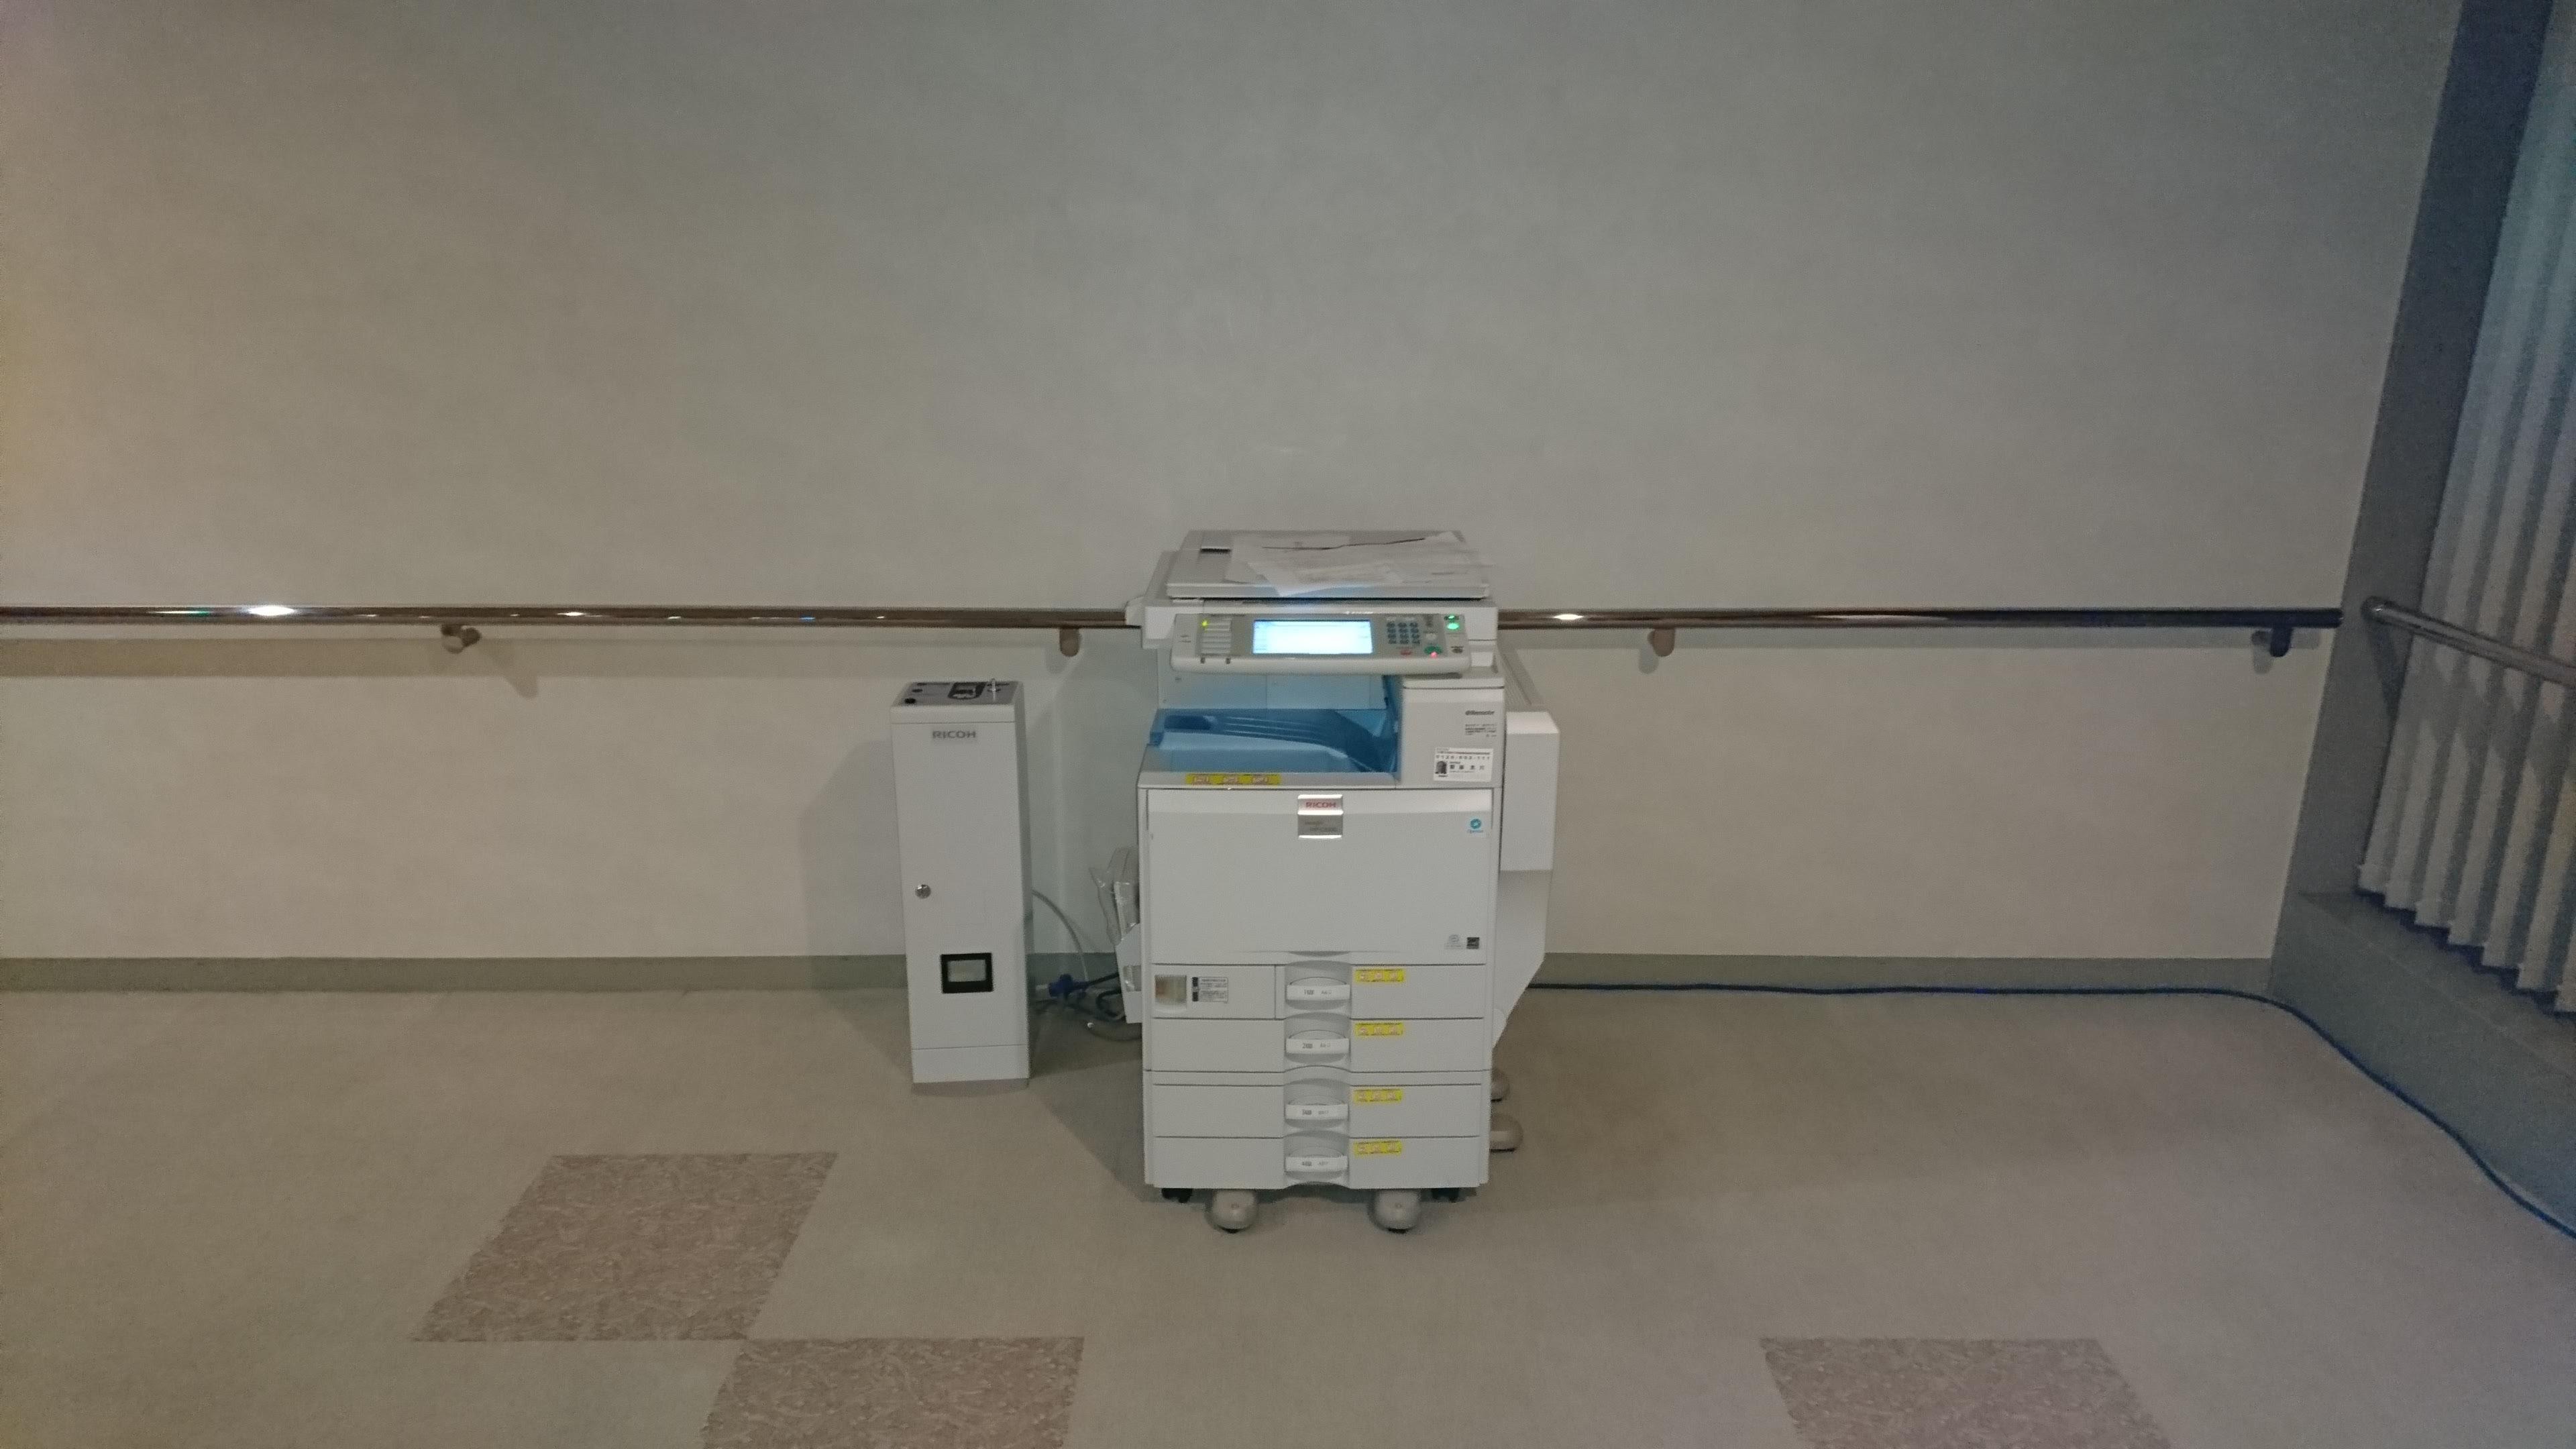 座間市文化会館ハーモニーホール座間コピー機